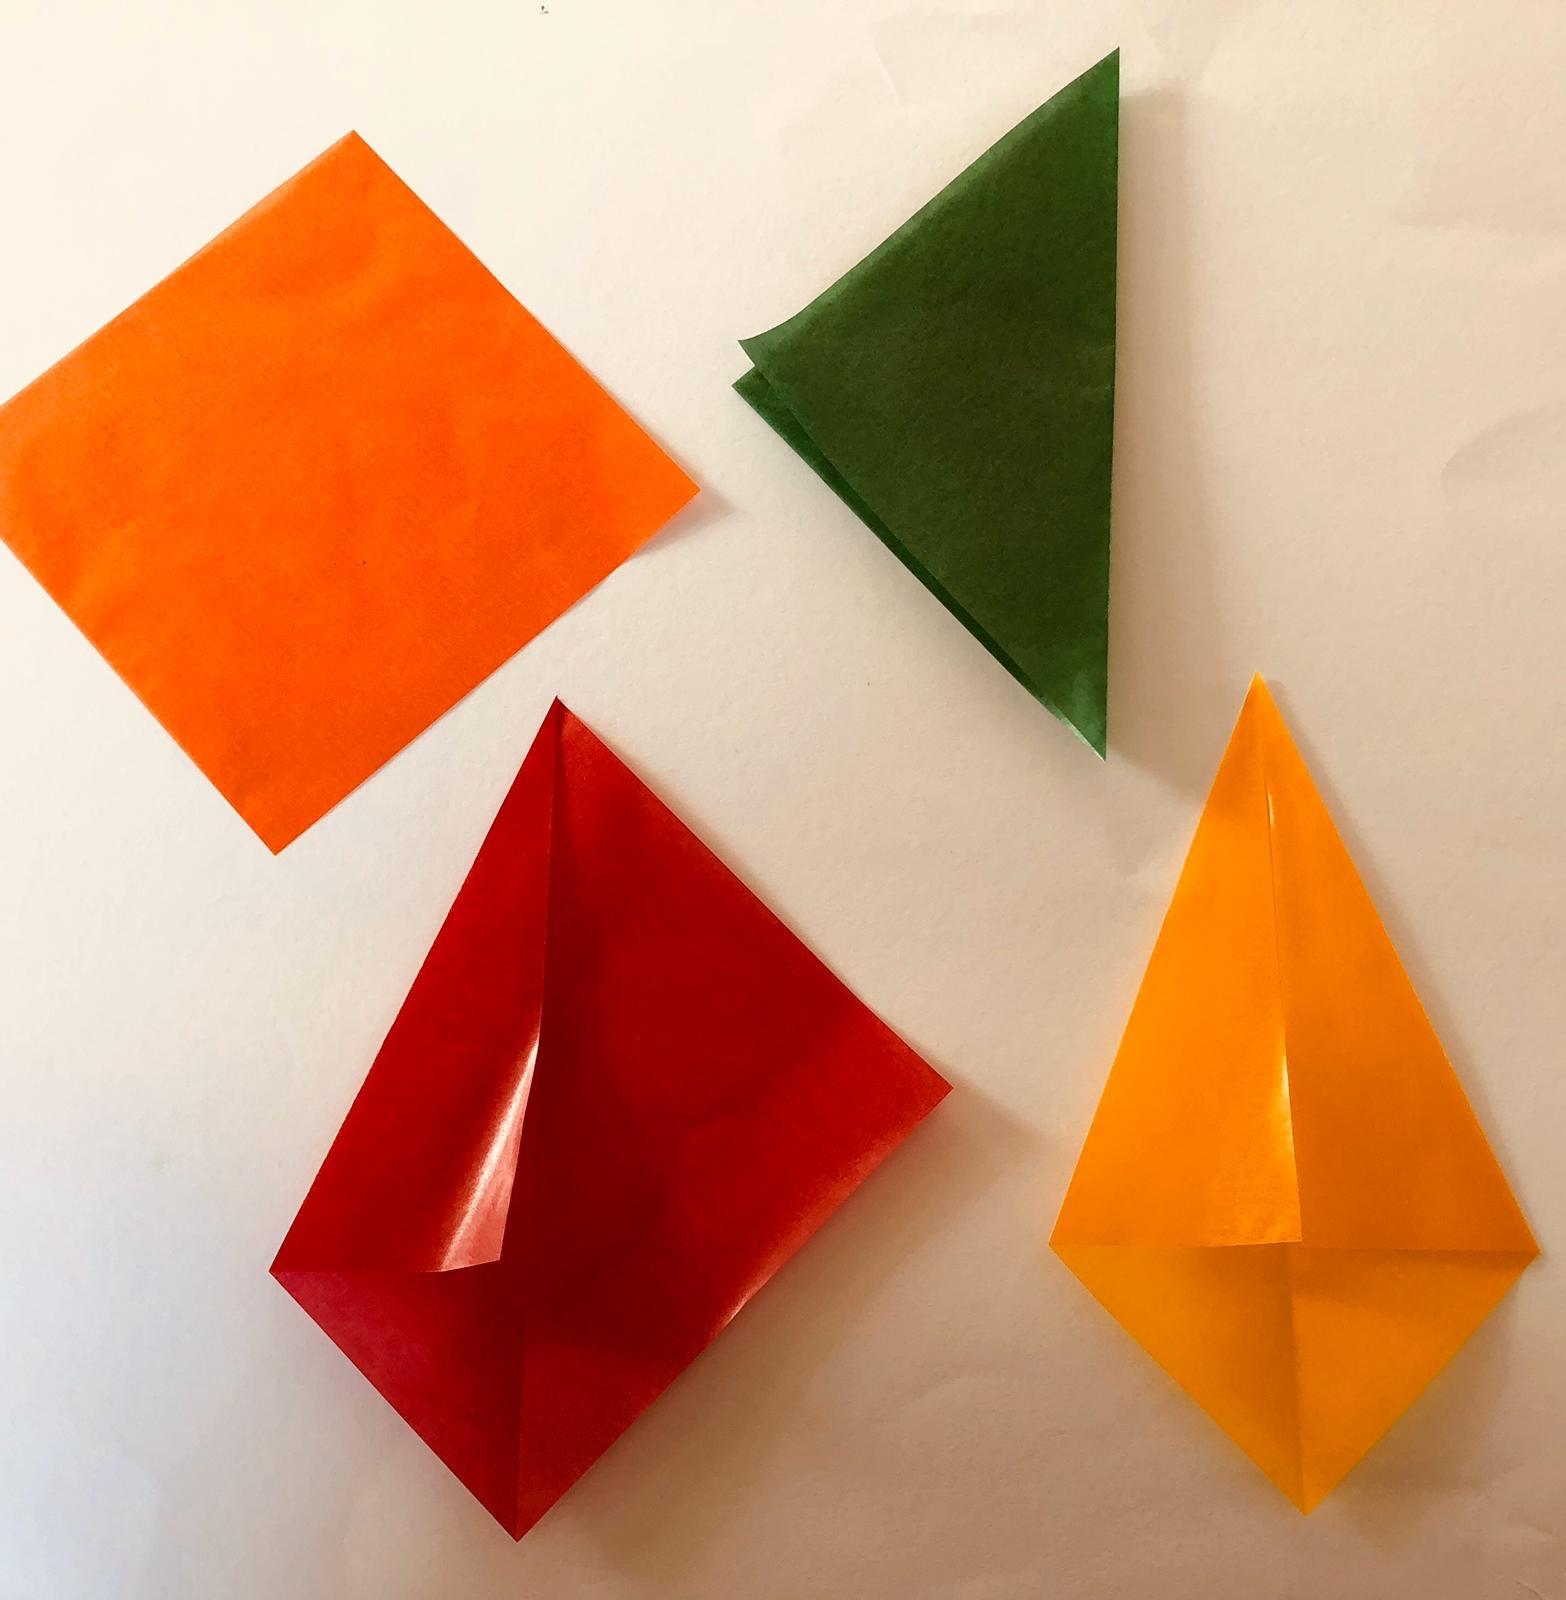 Ster van vliegerpapier - stap 1 - Hout en Plezier